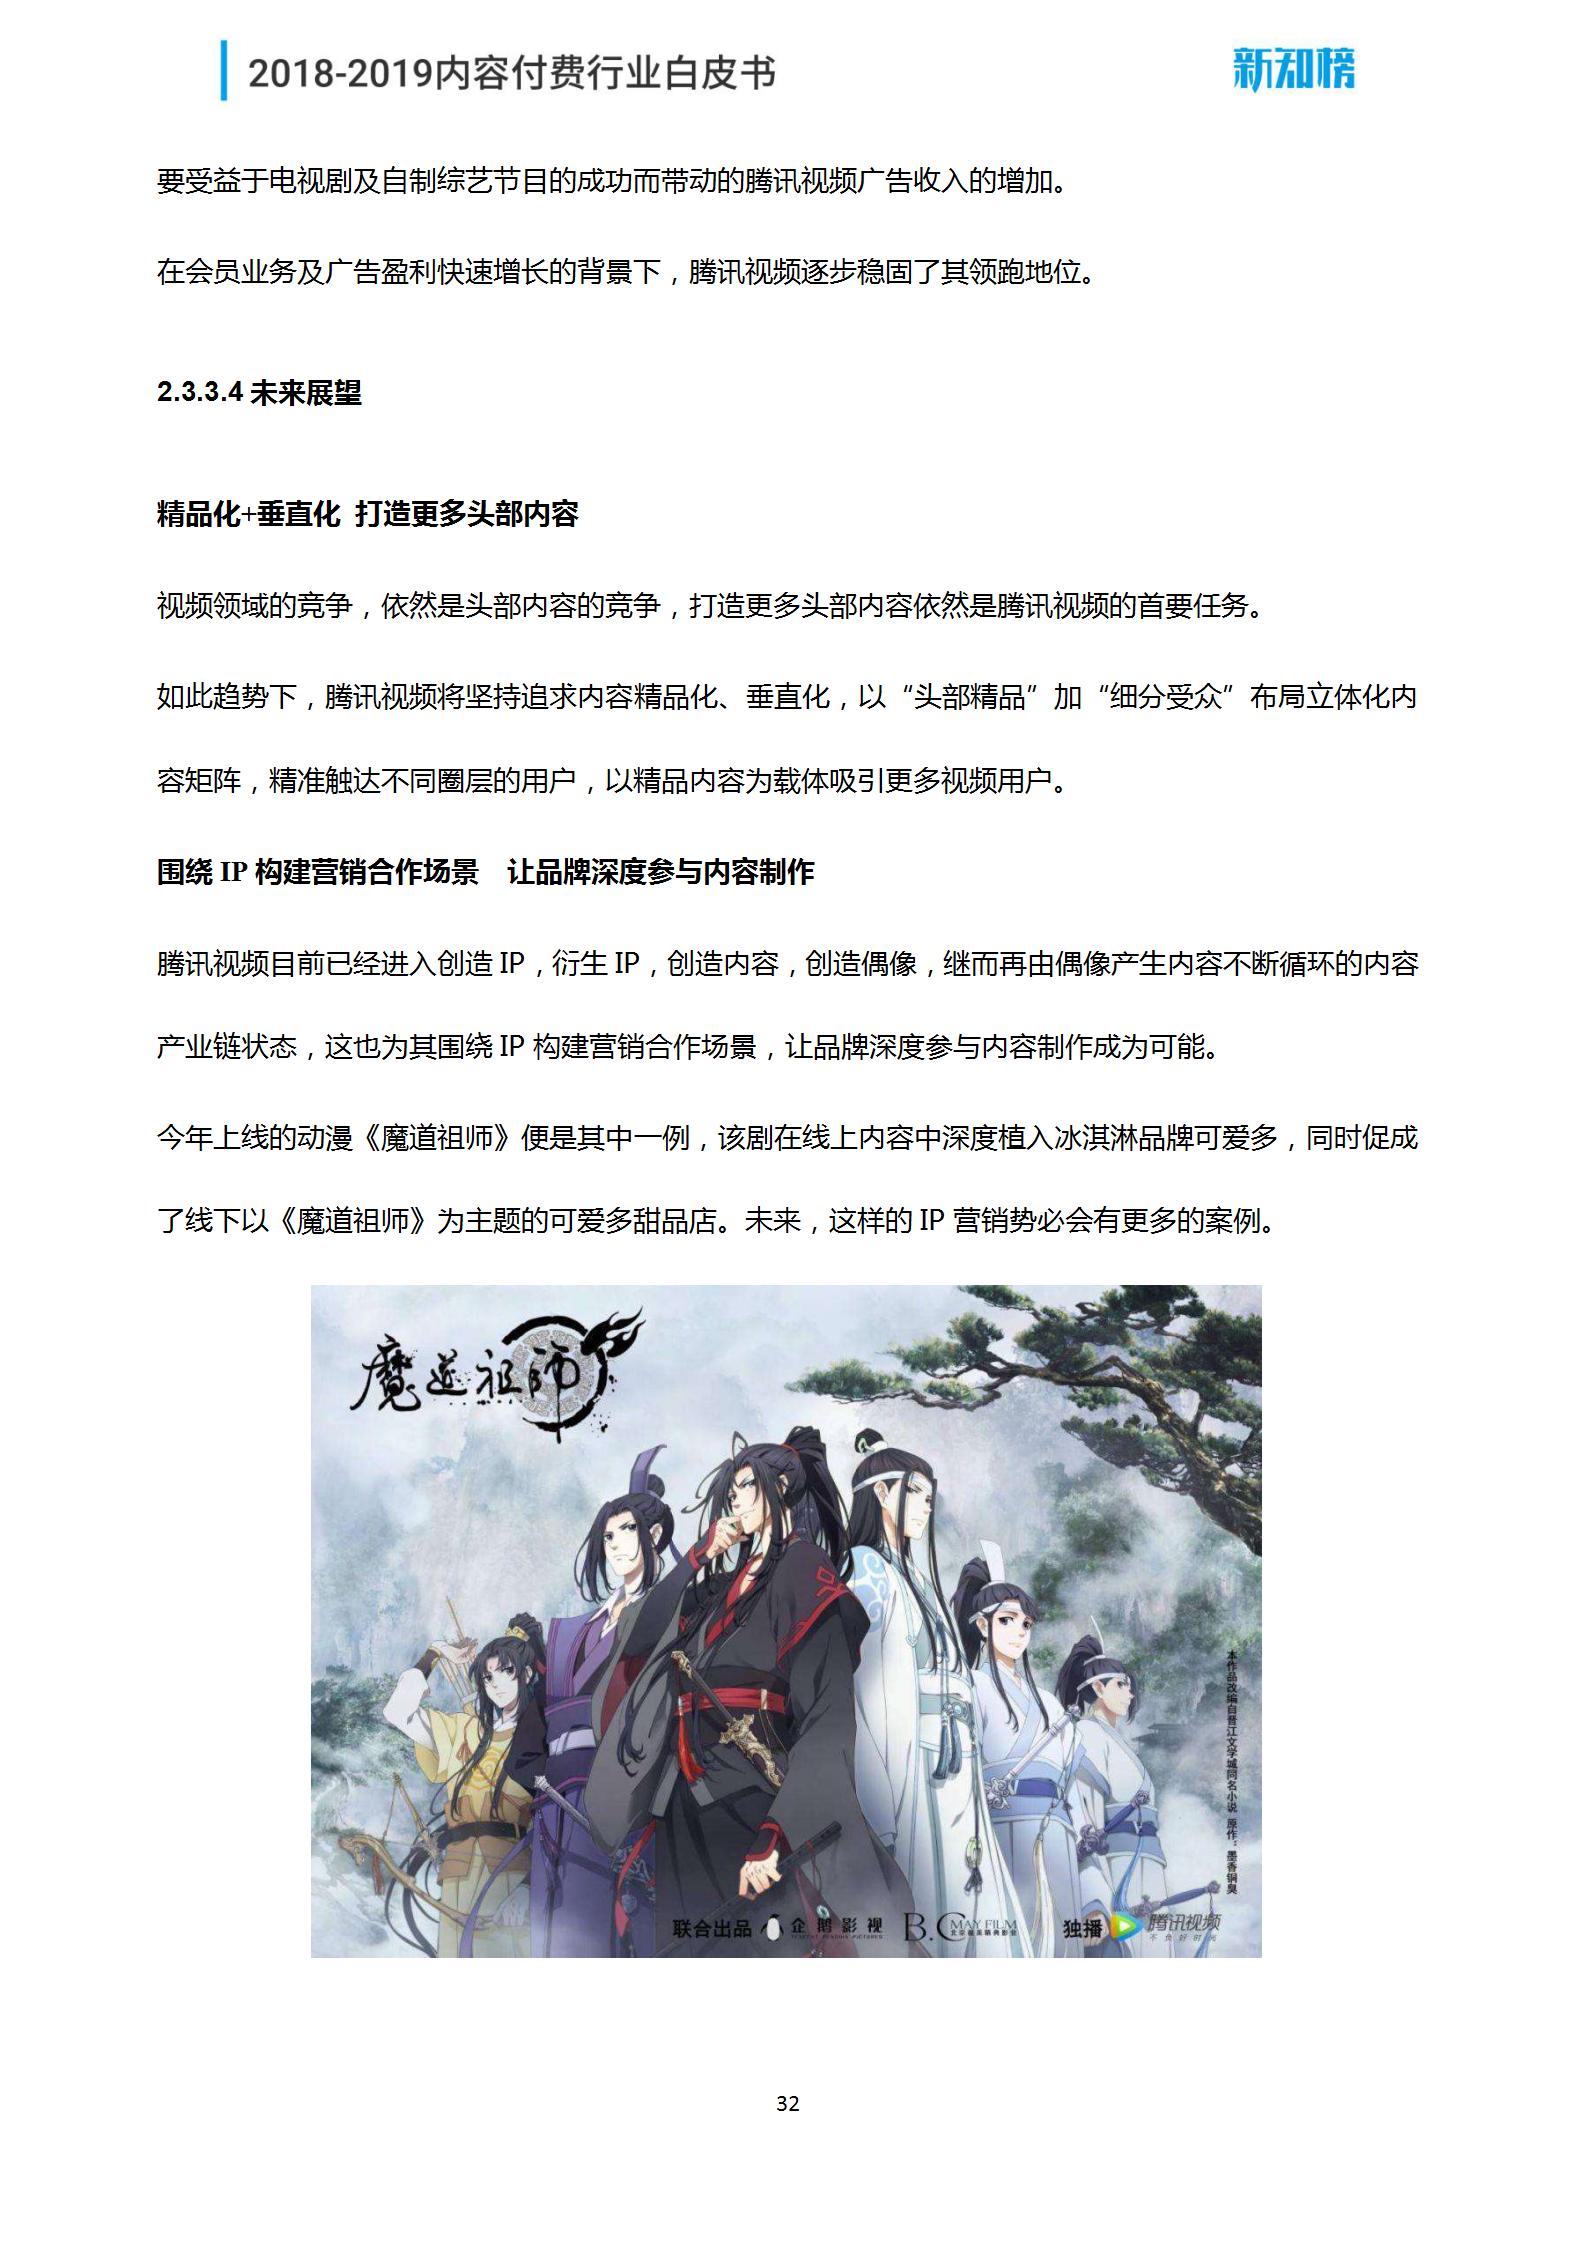 新知榜2018-2019内容付费行业白皮书_32.png